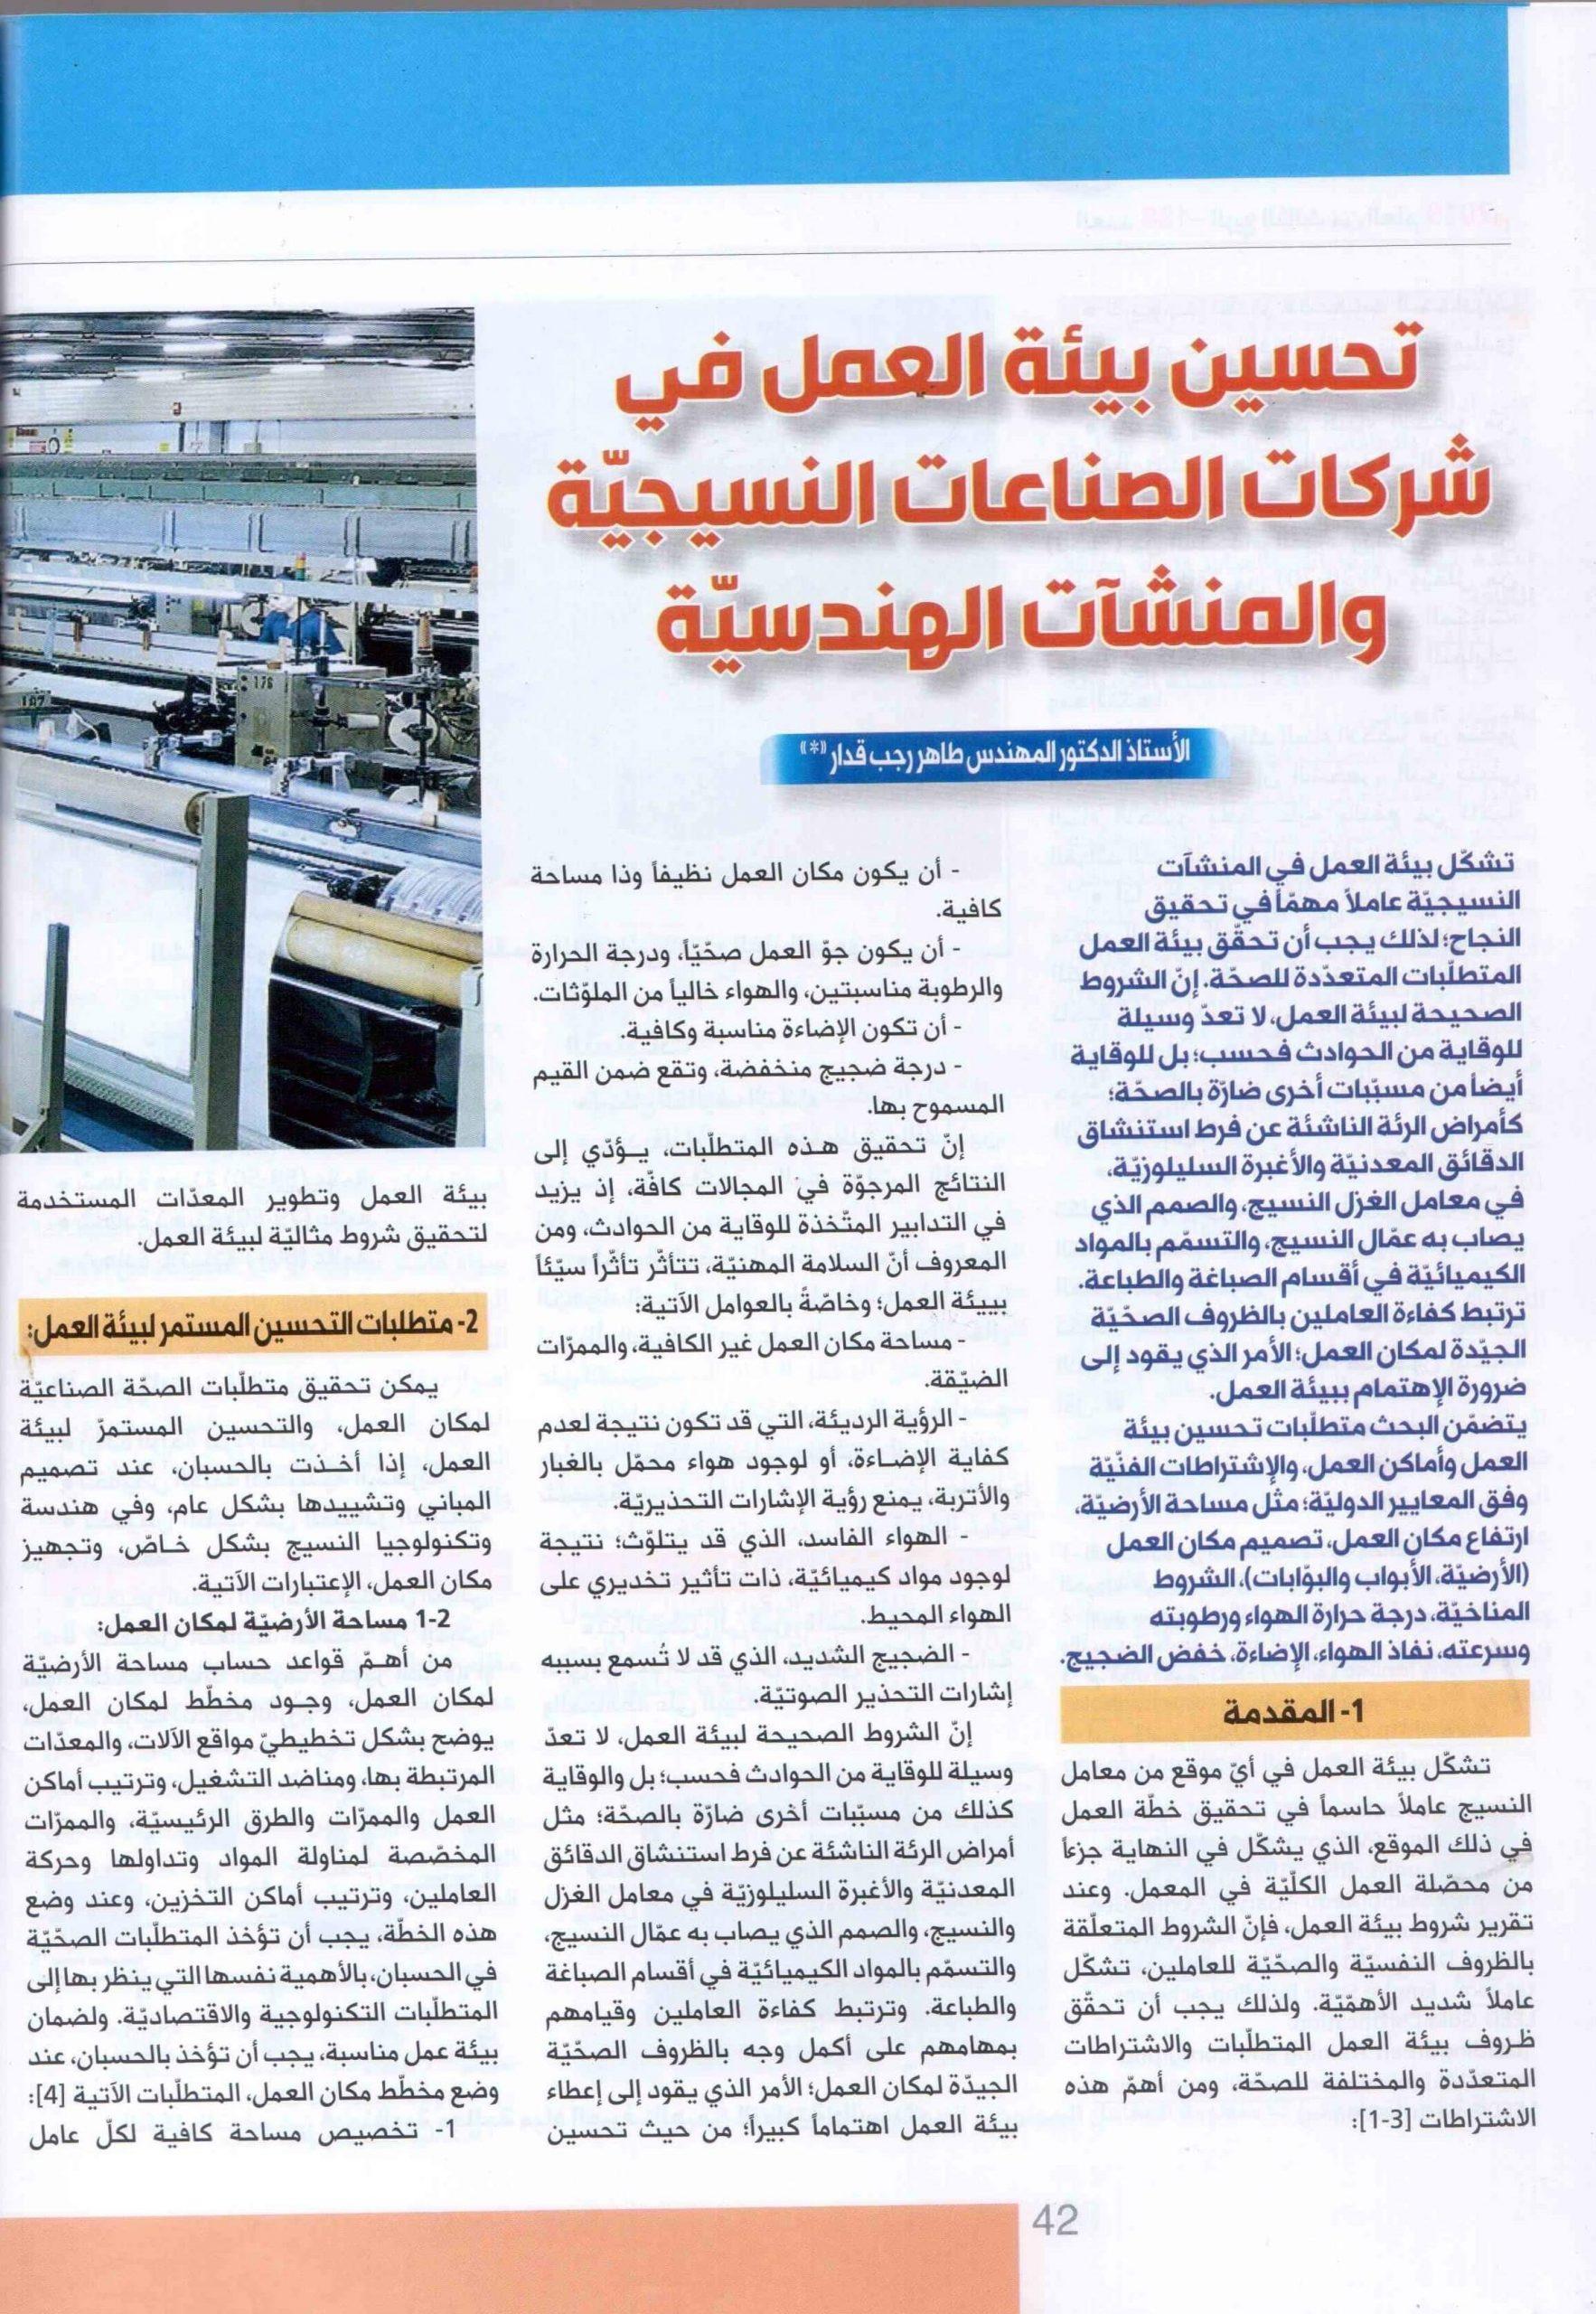 Photo of مقال علمي للدكتور المهندس طاهر رجب قدار حول تحسين بيئة العمل في شركات الصناعات النسيجية والمنشآت الهندسيةنشرته مجلة المهندس العربي